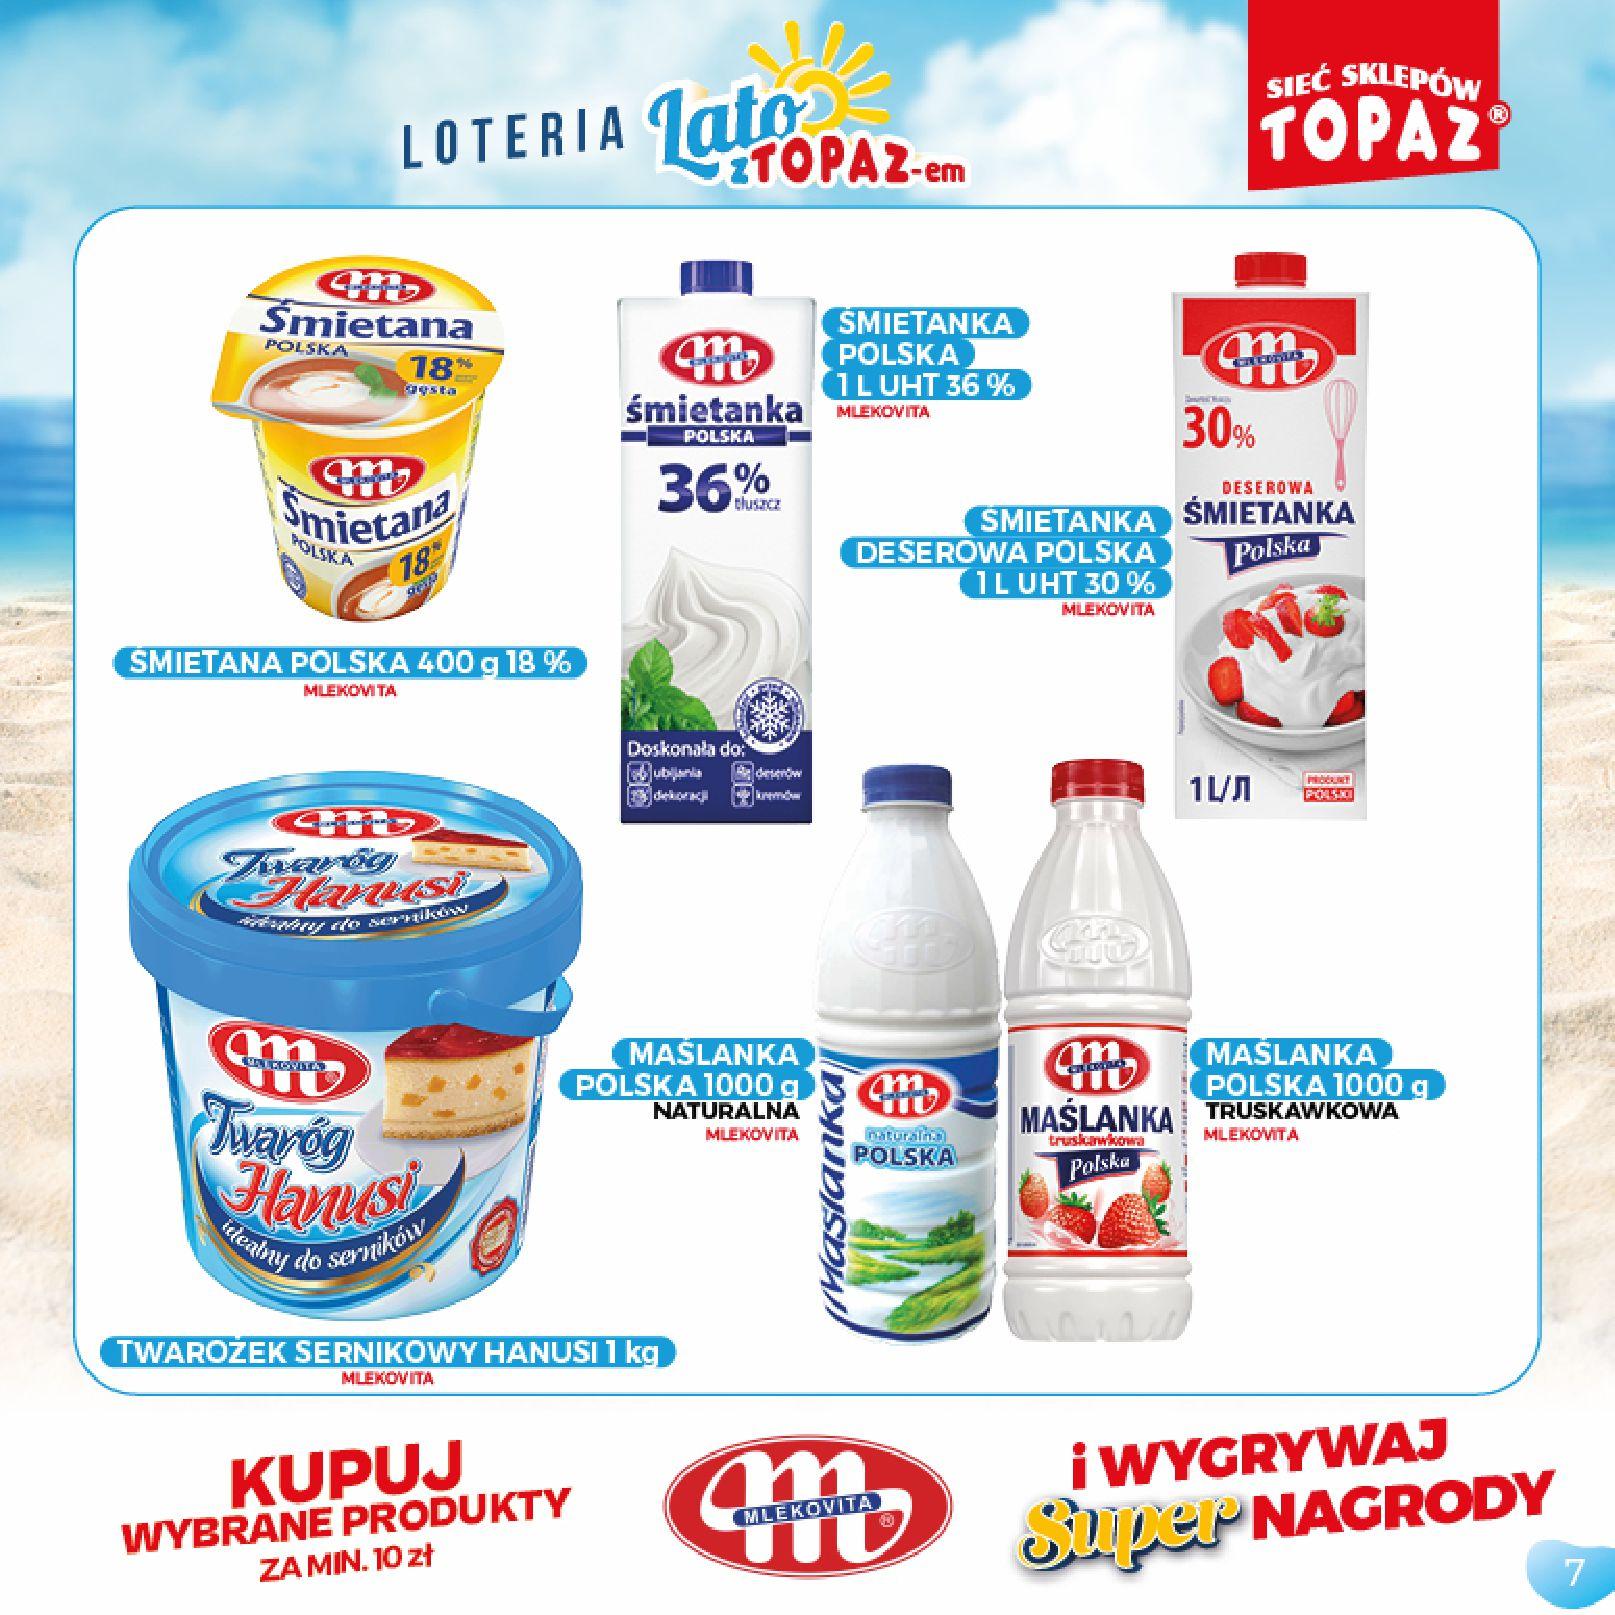 Gazetka TOPAZ: Gazetka TOPAZ - Loteria 2021-07-05 page-7